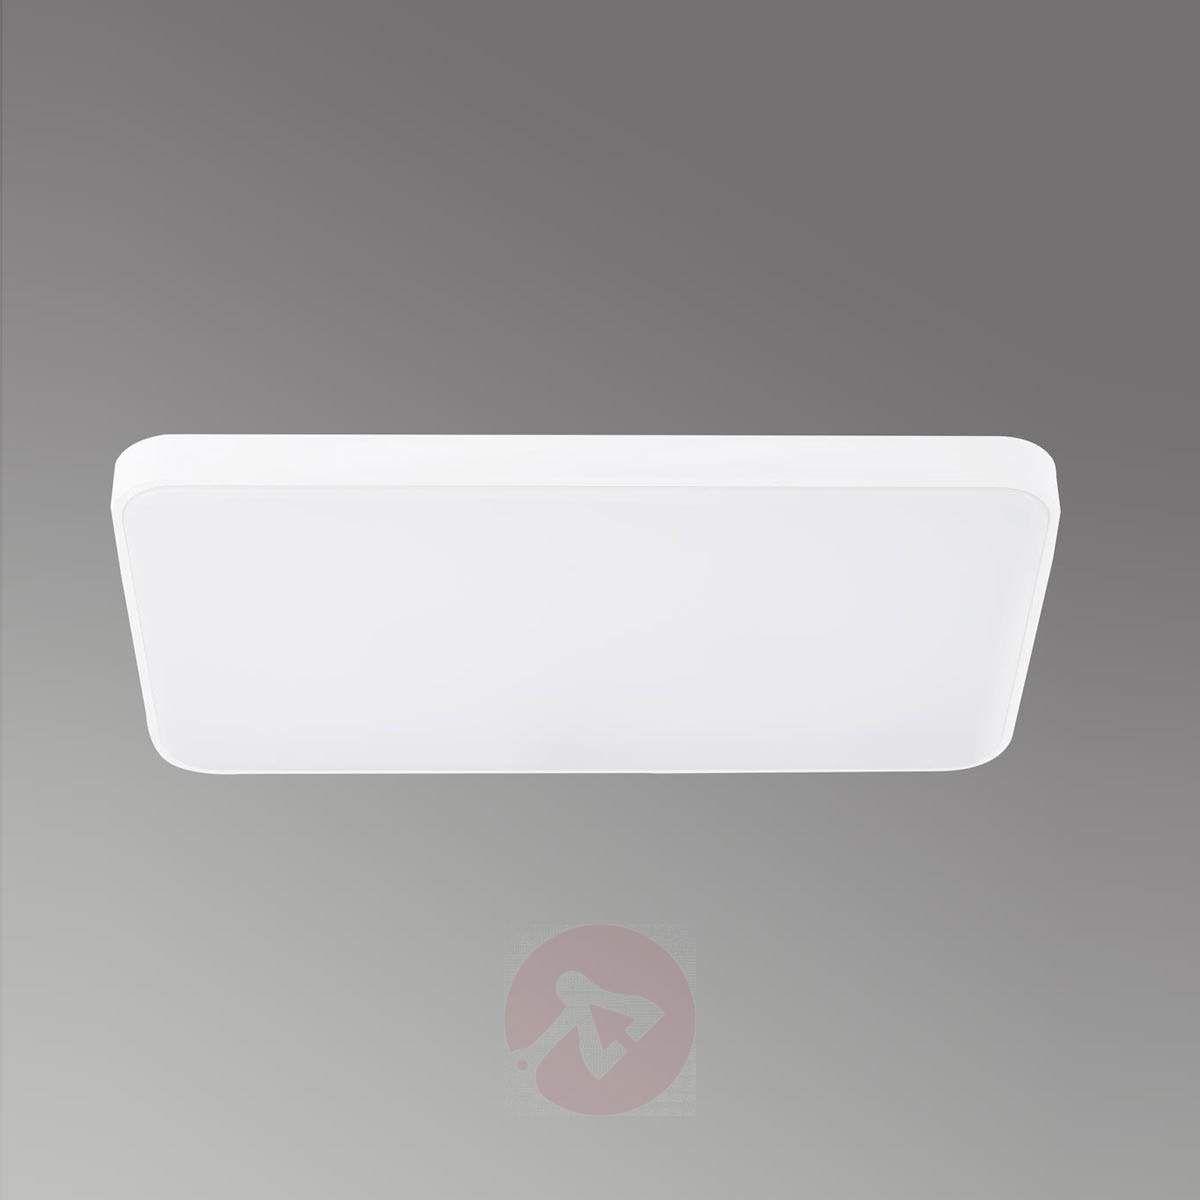 Moderne LED Deckenleuchte Sogo 3507199 30